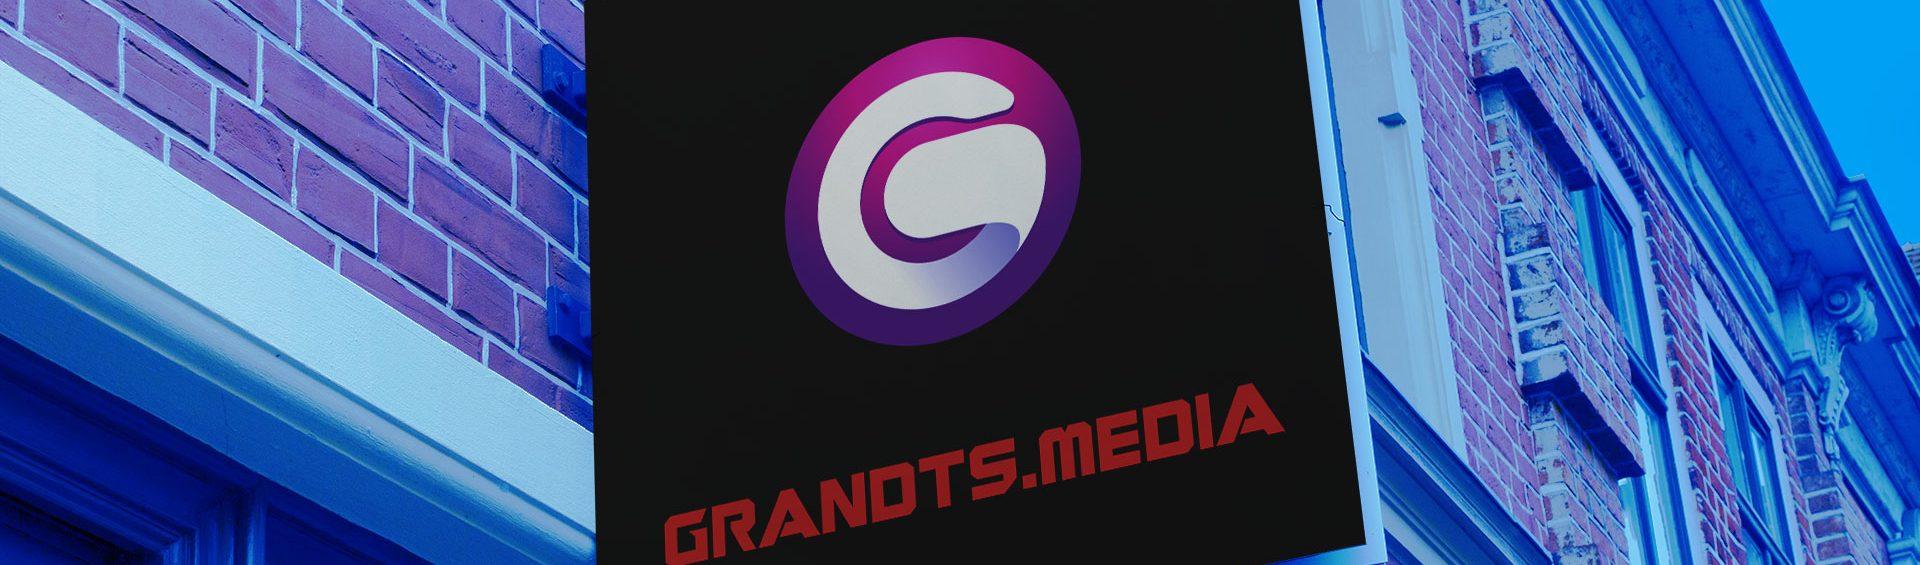 grandts